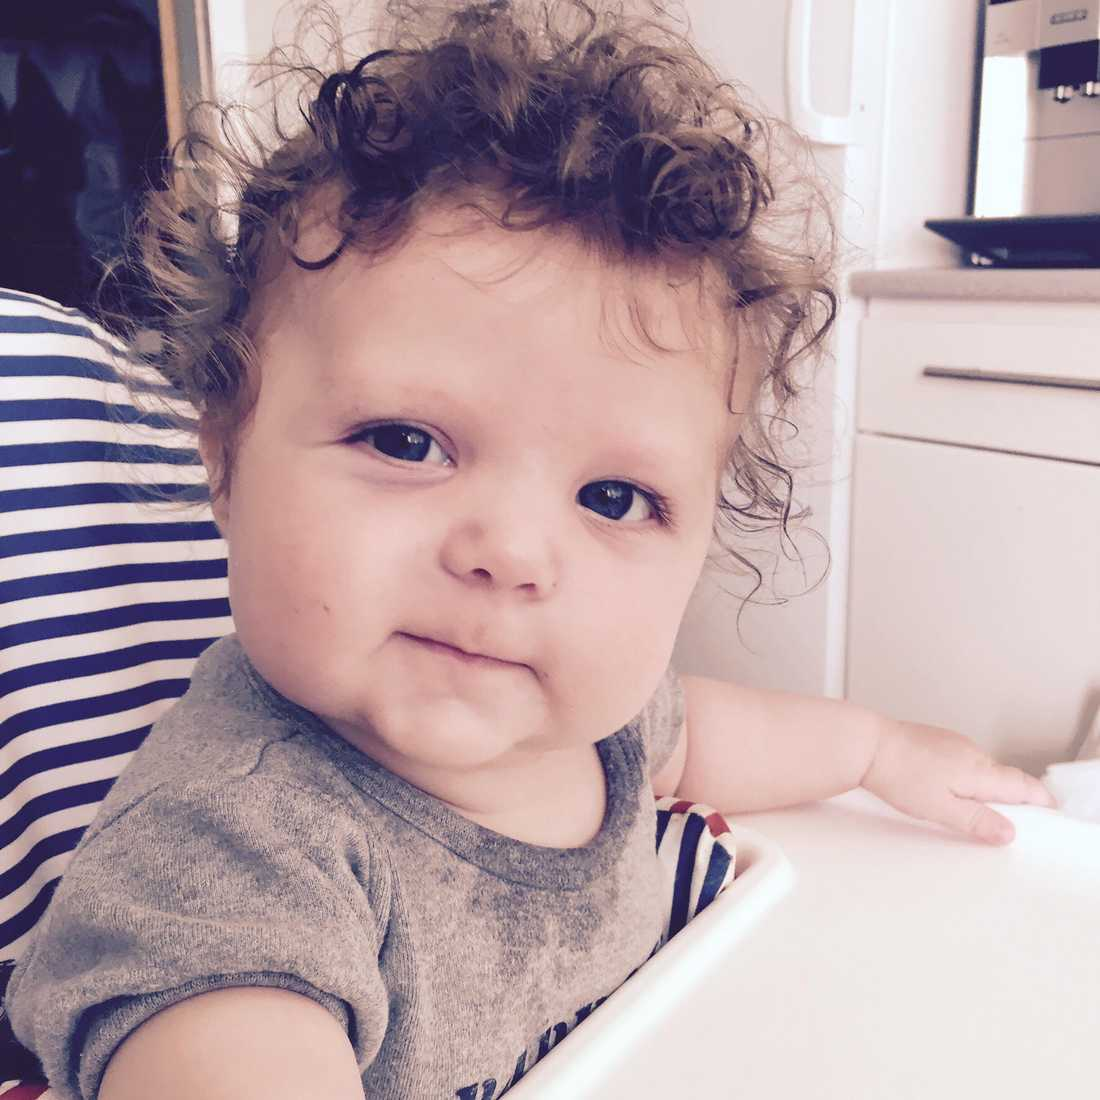 """Laila Fredriksson från Uppsala: """"Min dotter föddes också peruk... nu är hon fyra år och vi har redan klippt cirka tre-fyra decimeter av hennes hår""""."""